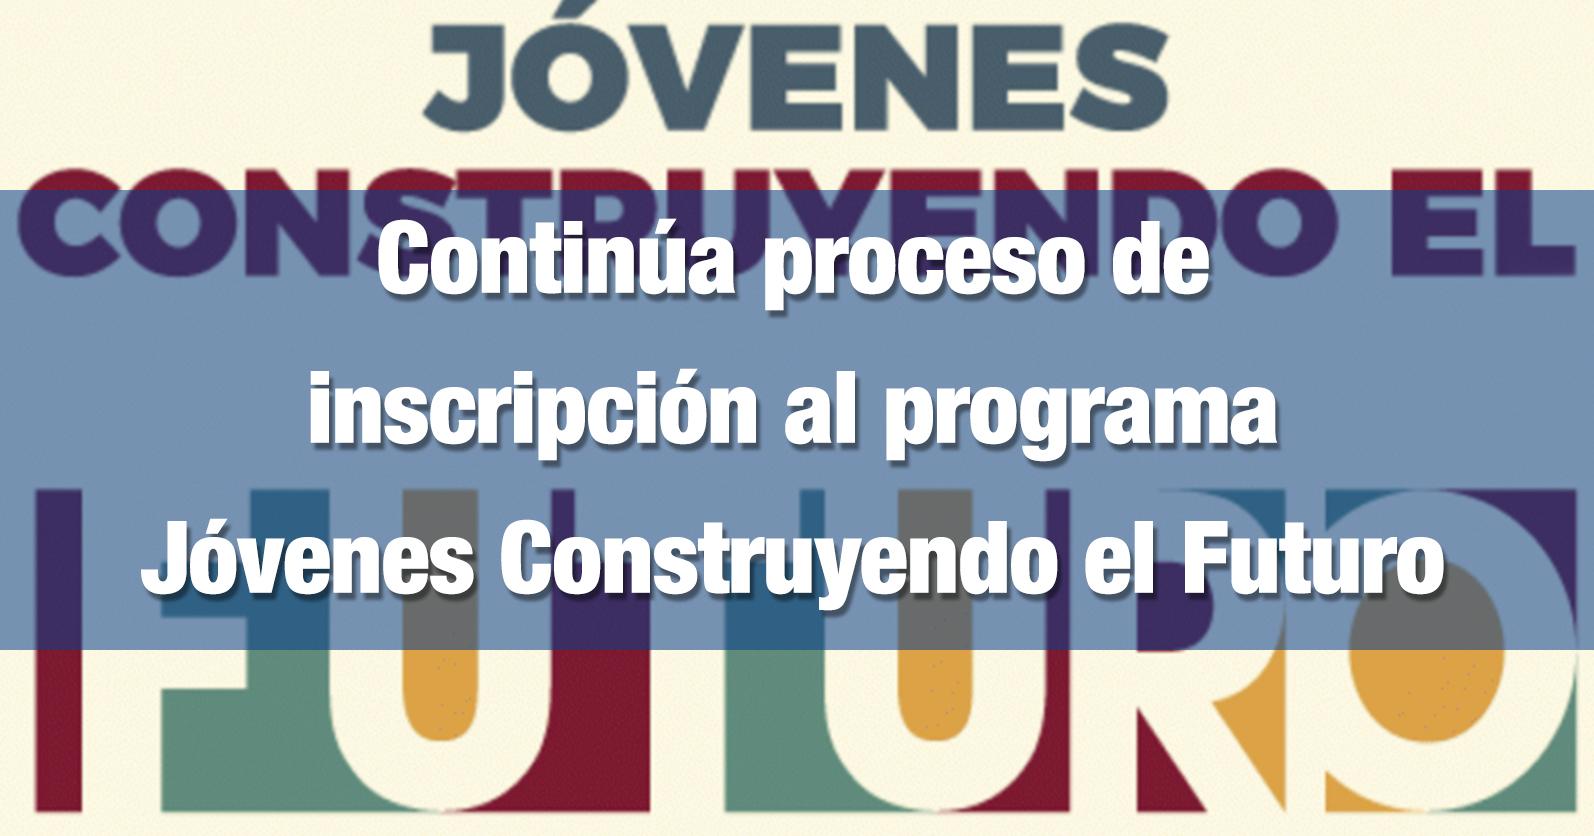 Continúa proceso de inscripción al programa Jóvenes Construyendo el Futuro